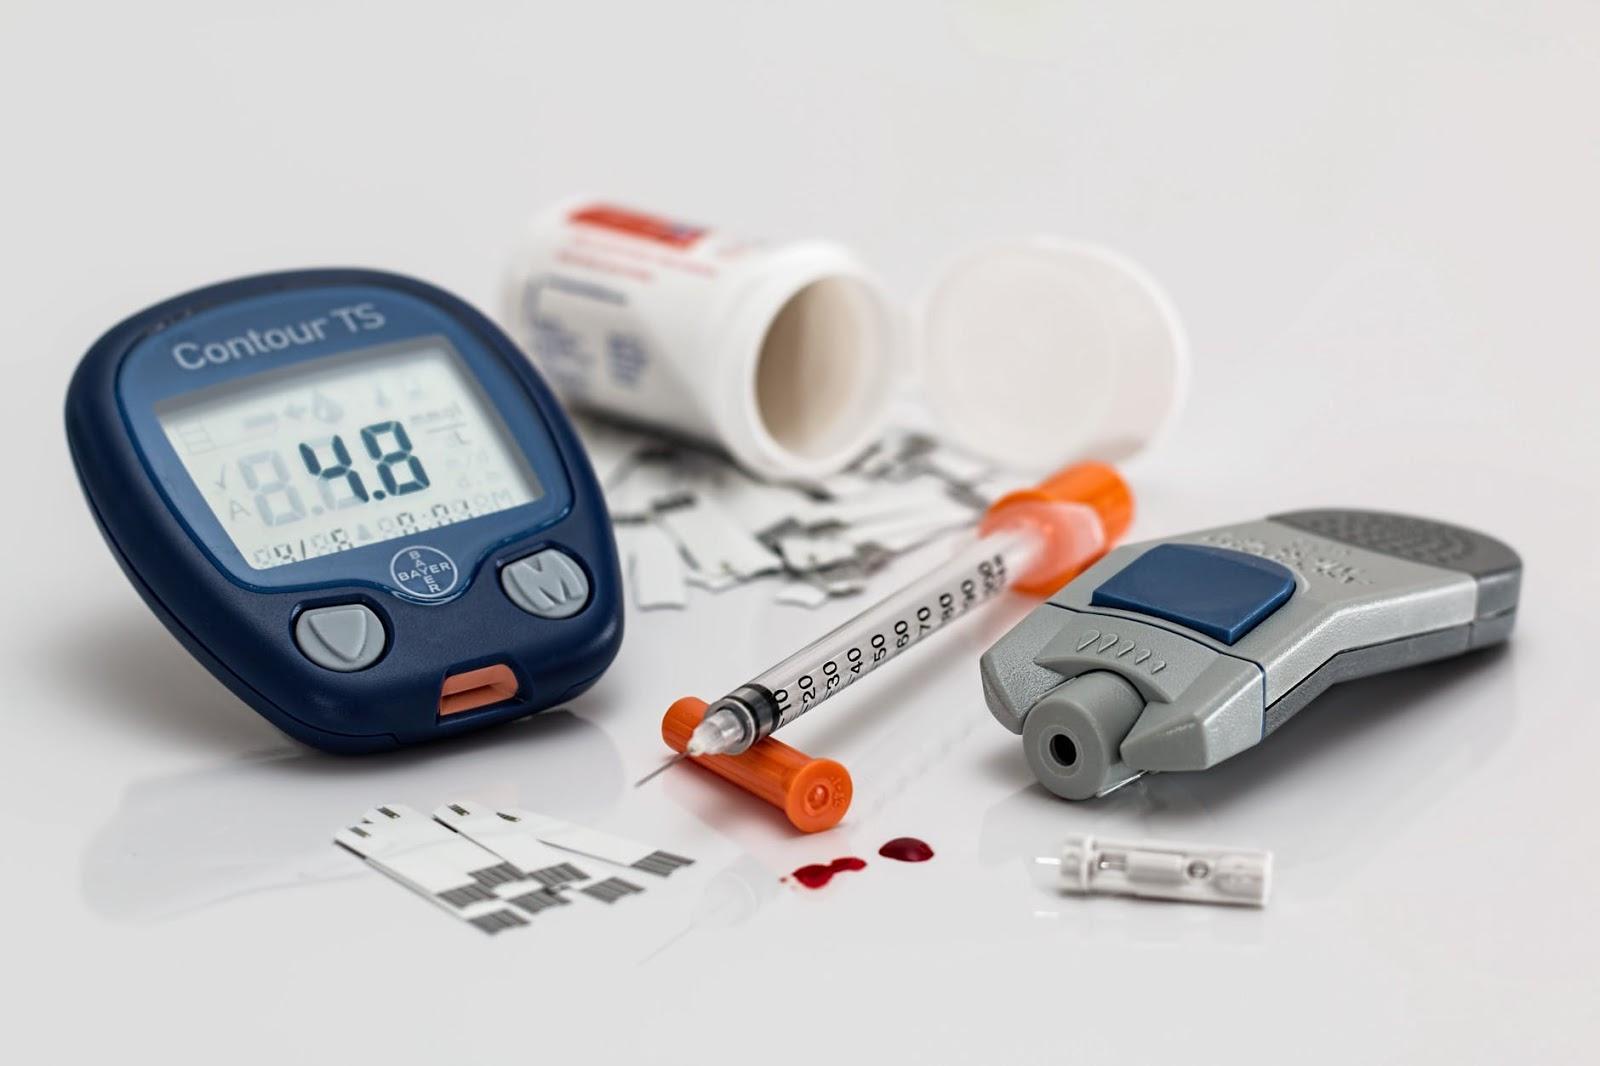 Gejala dan Kesan Penyakit Diabetes